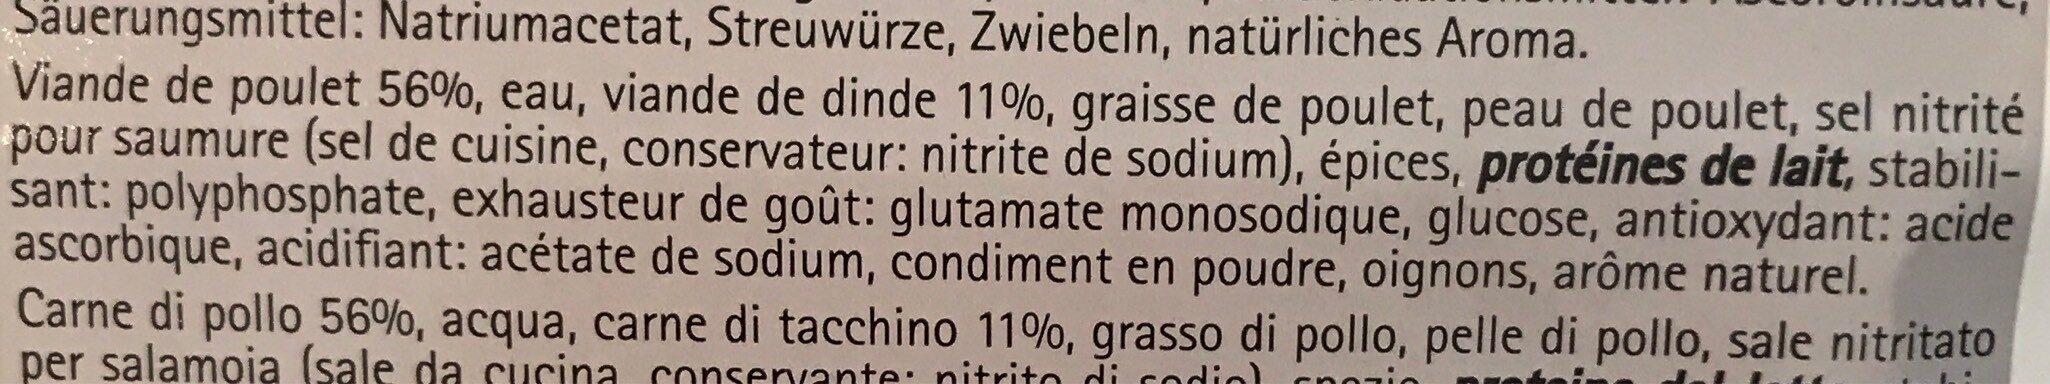 Fromage d'italie de volaille - Informations nutritionnelles - fr